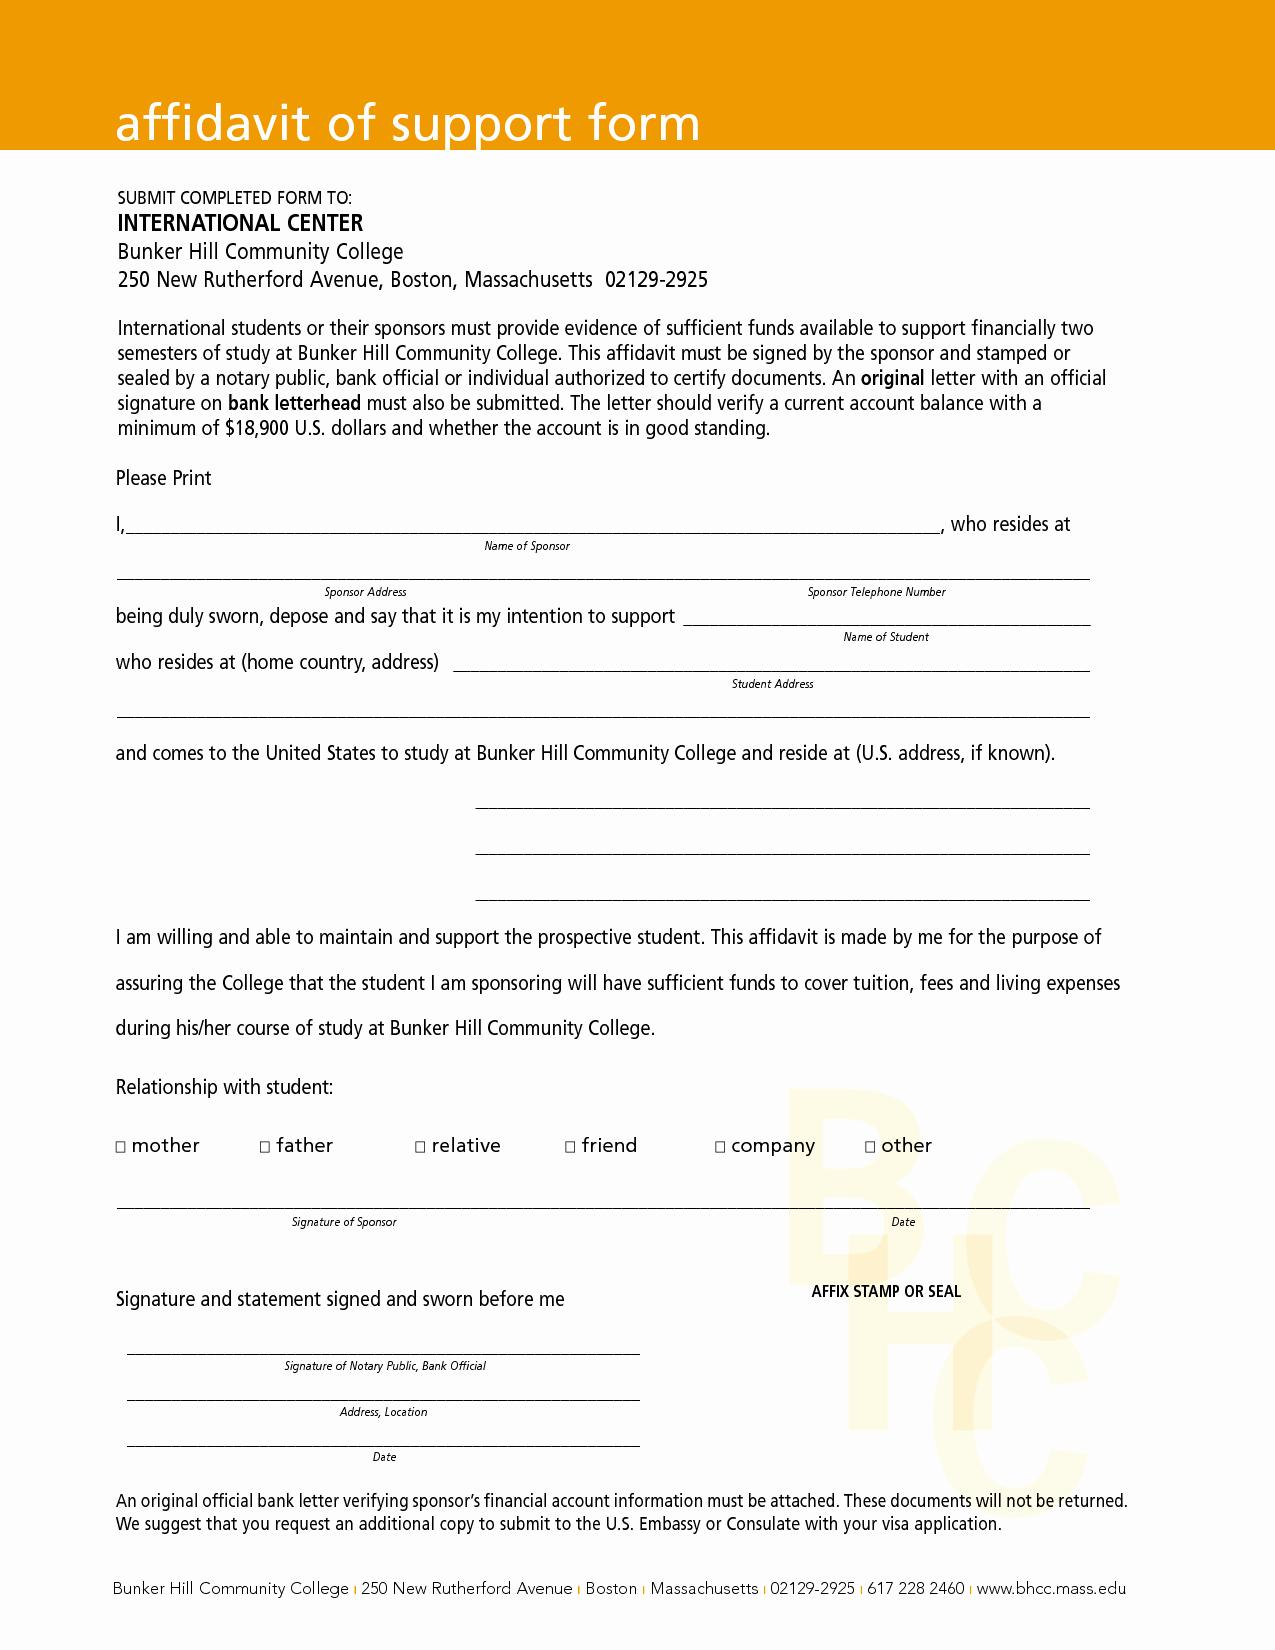 Affidavit Of Support Sample Letter Inspirational Free Download Affidavit Of Support form with orange Header